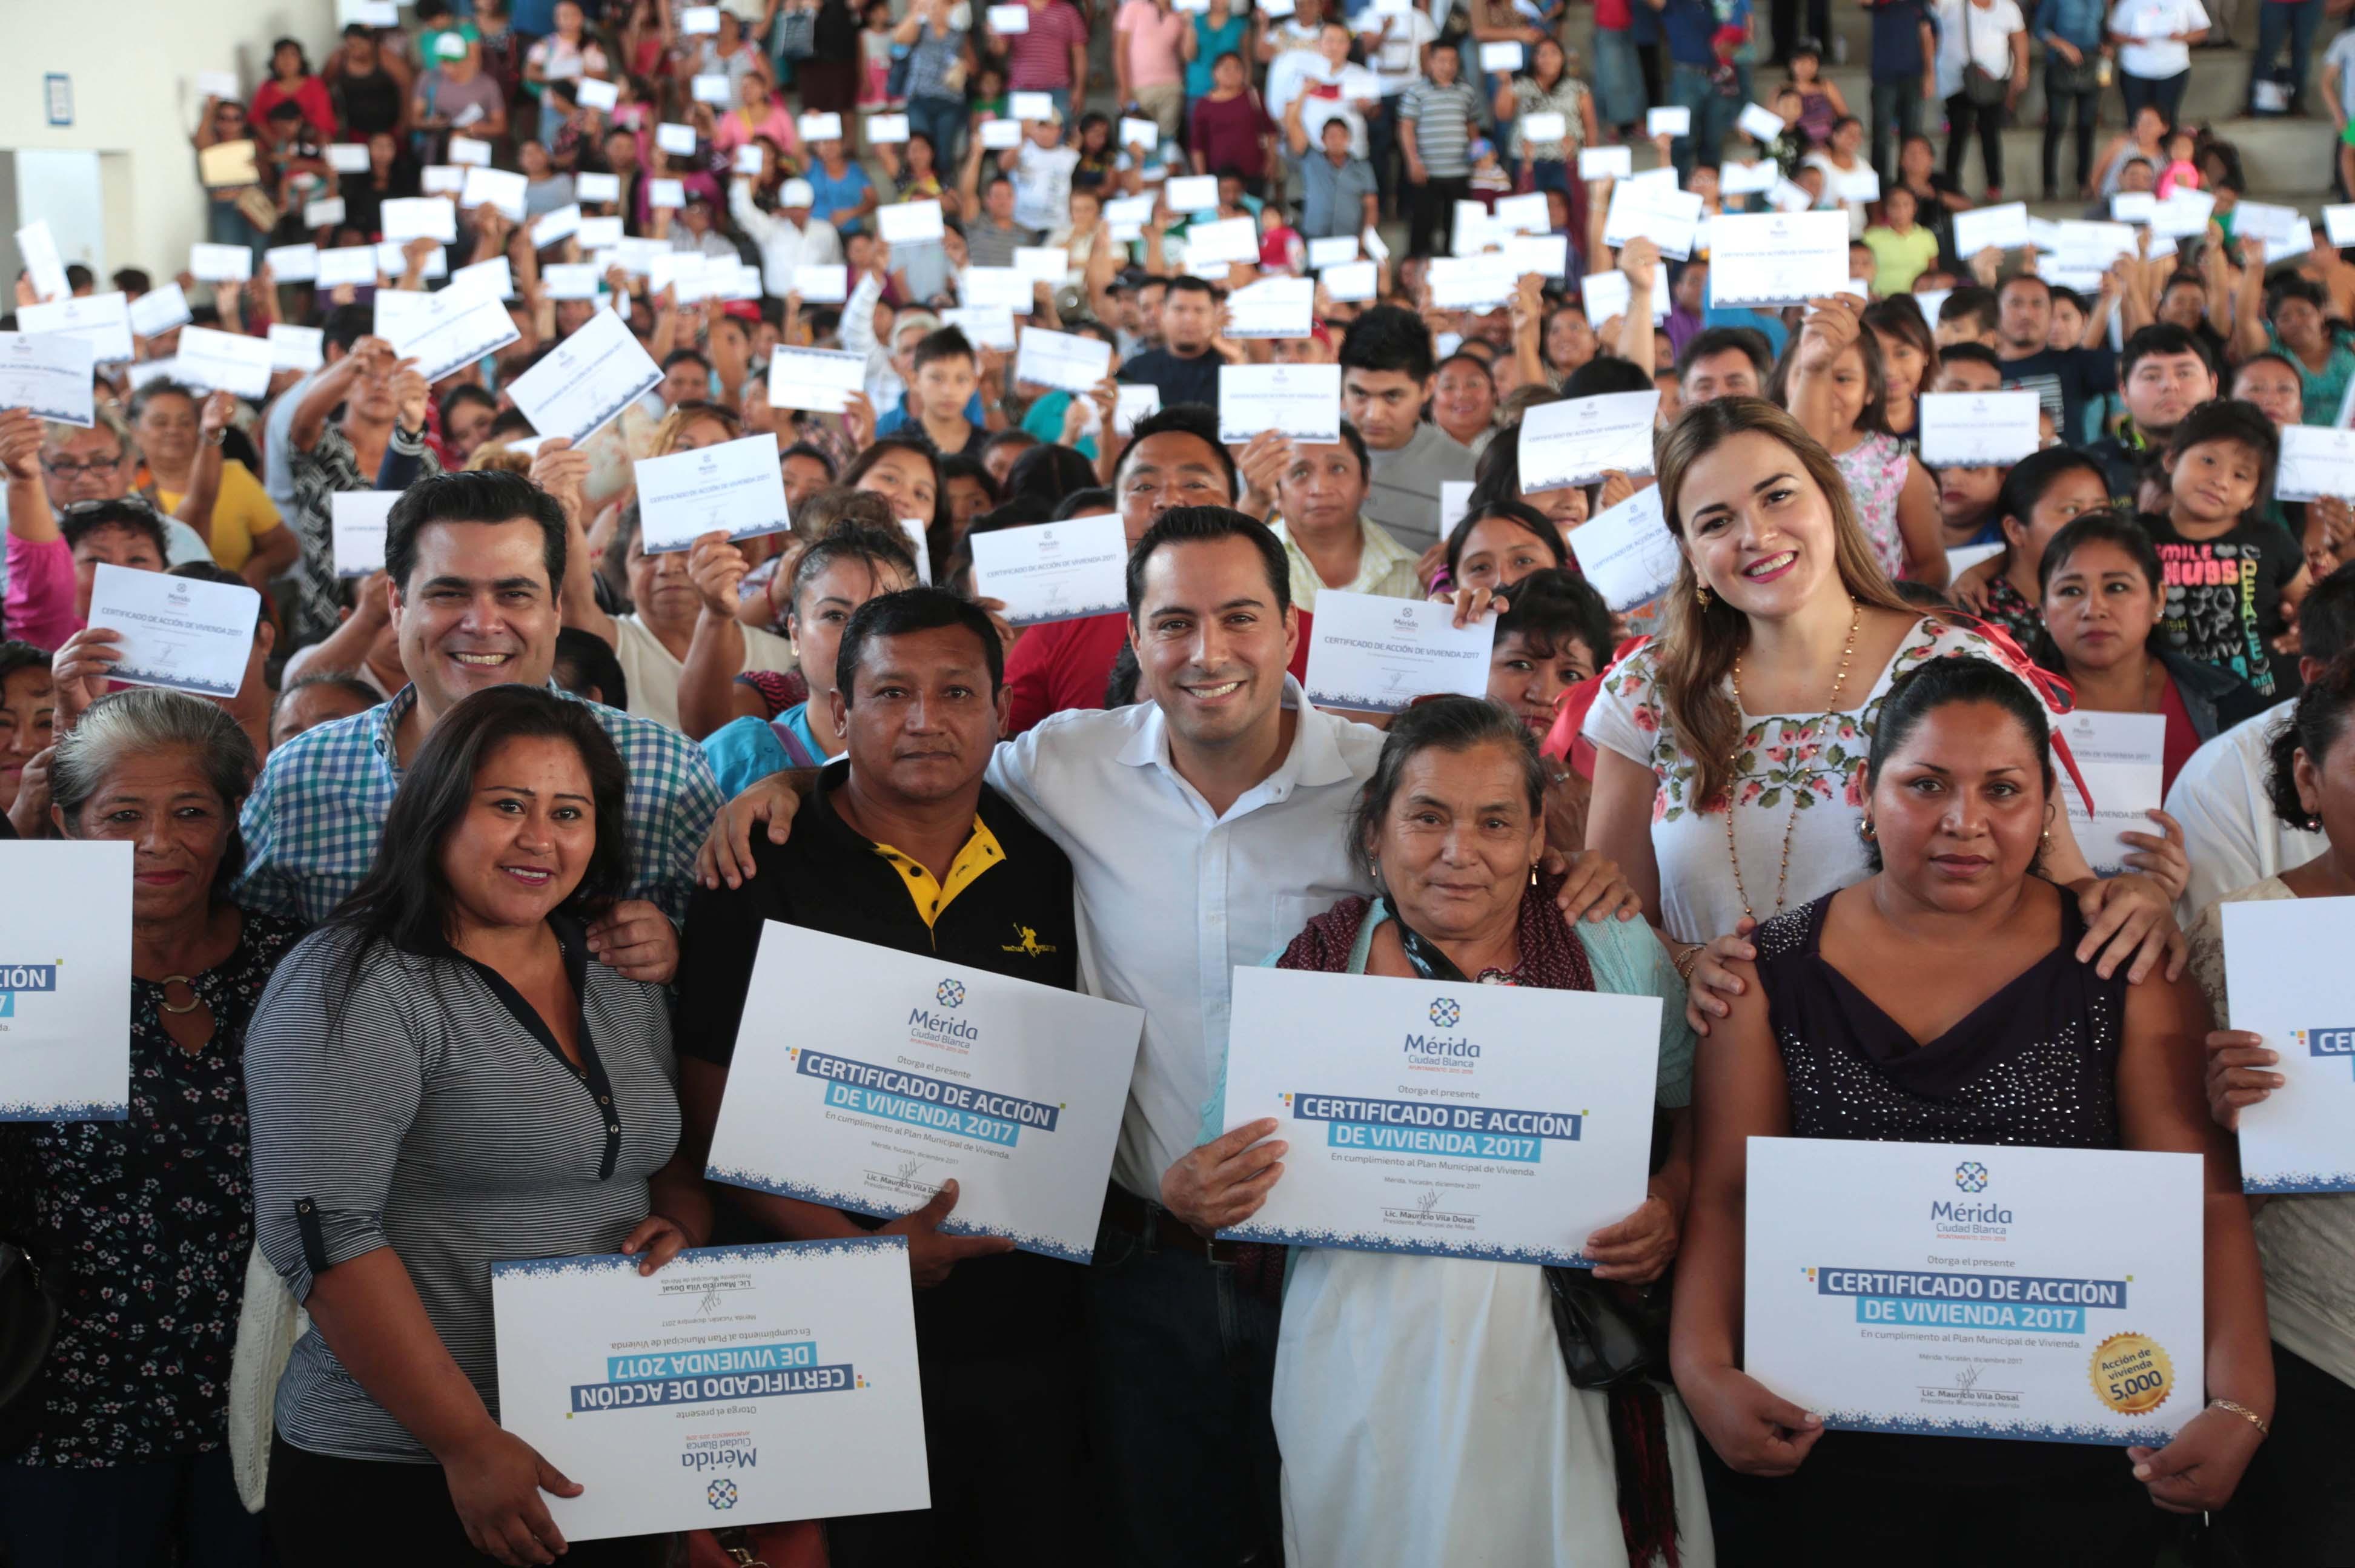 Certificado número cinco mil de acciones de vivienda en Mérida